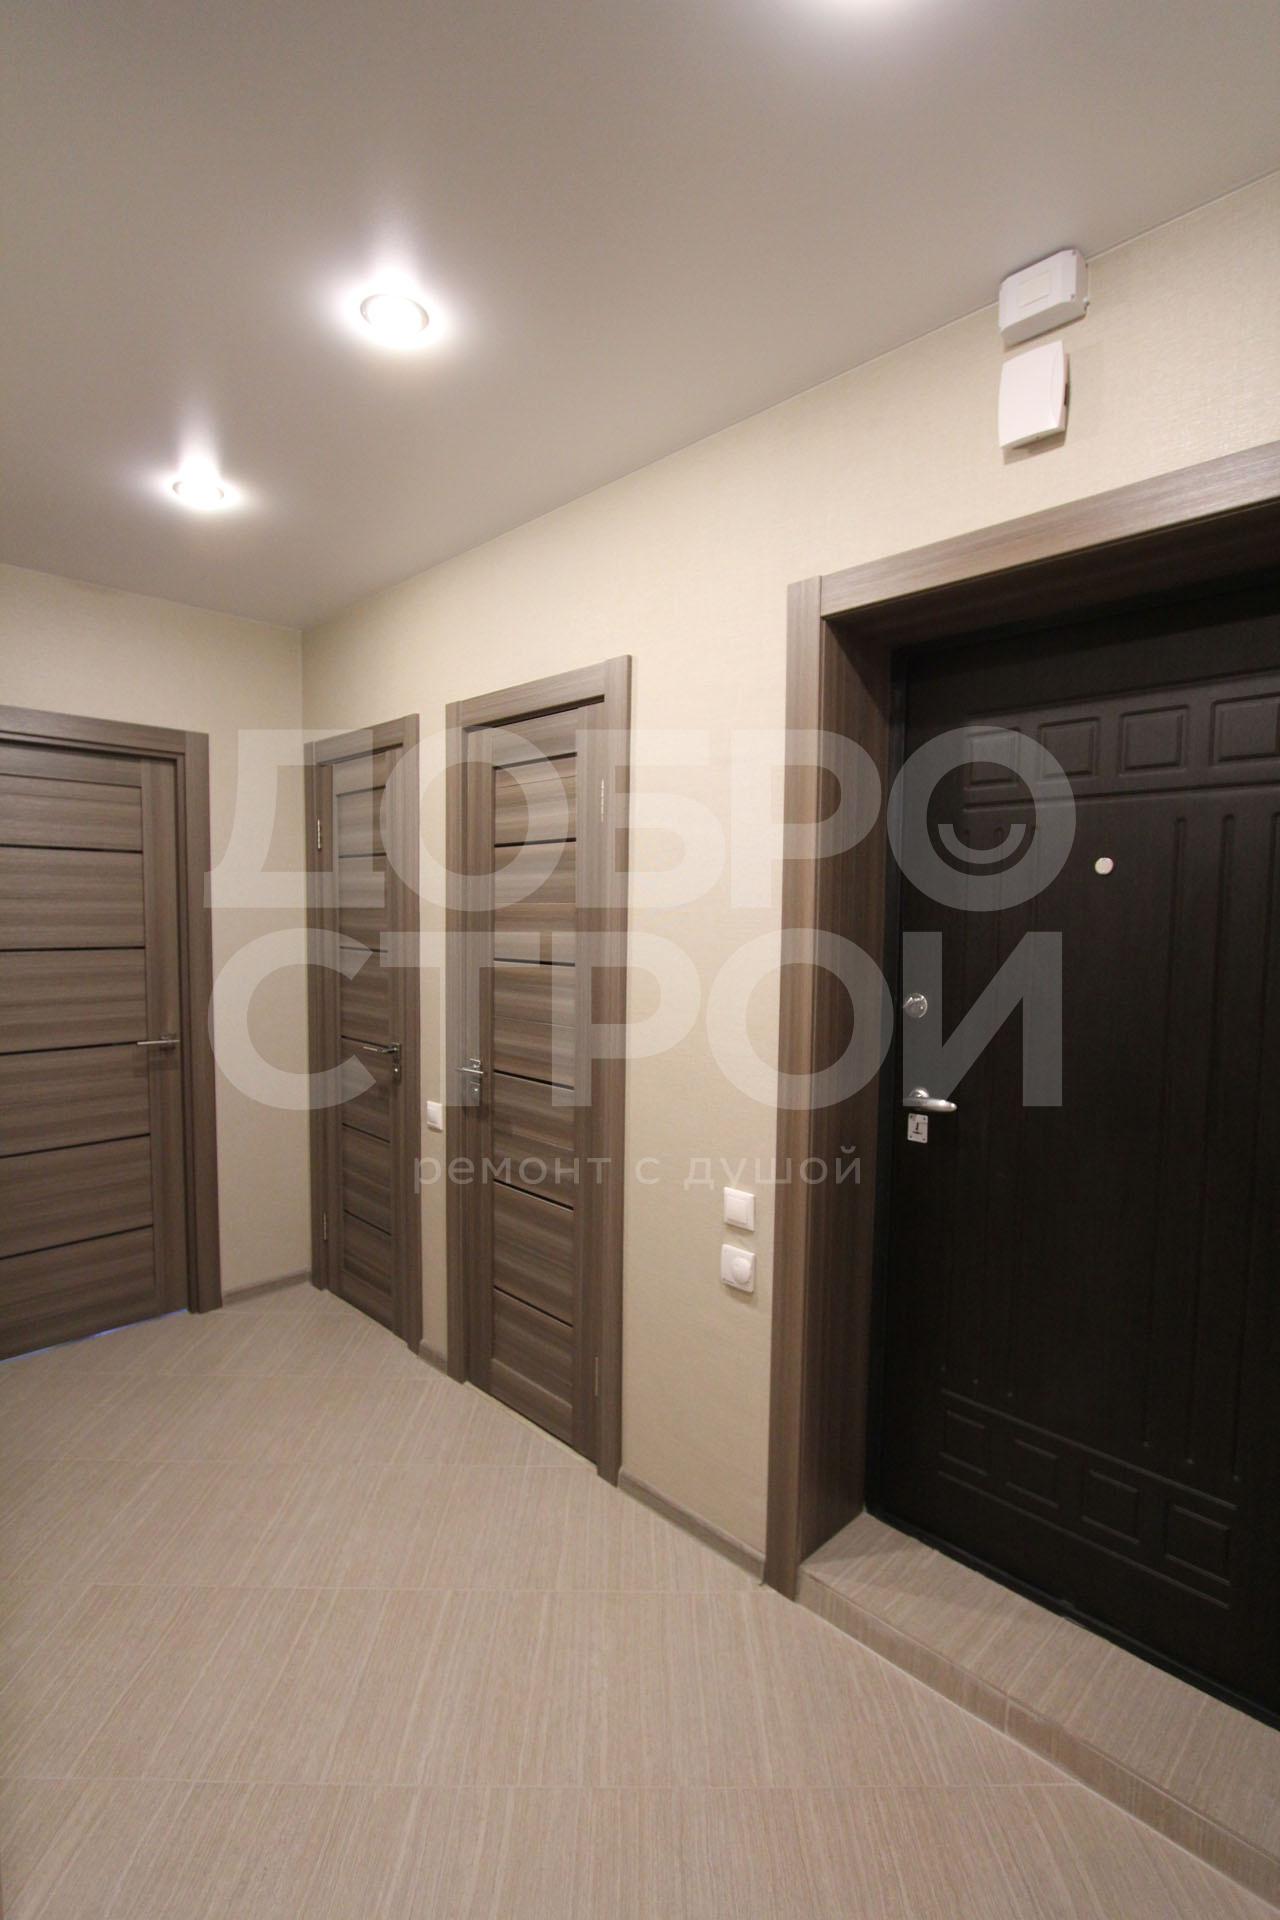 Ремонт и отделка квартир недорого в москве